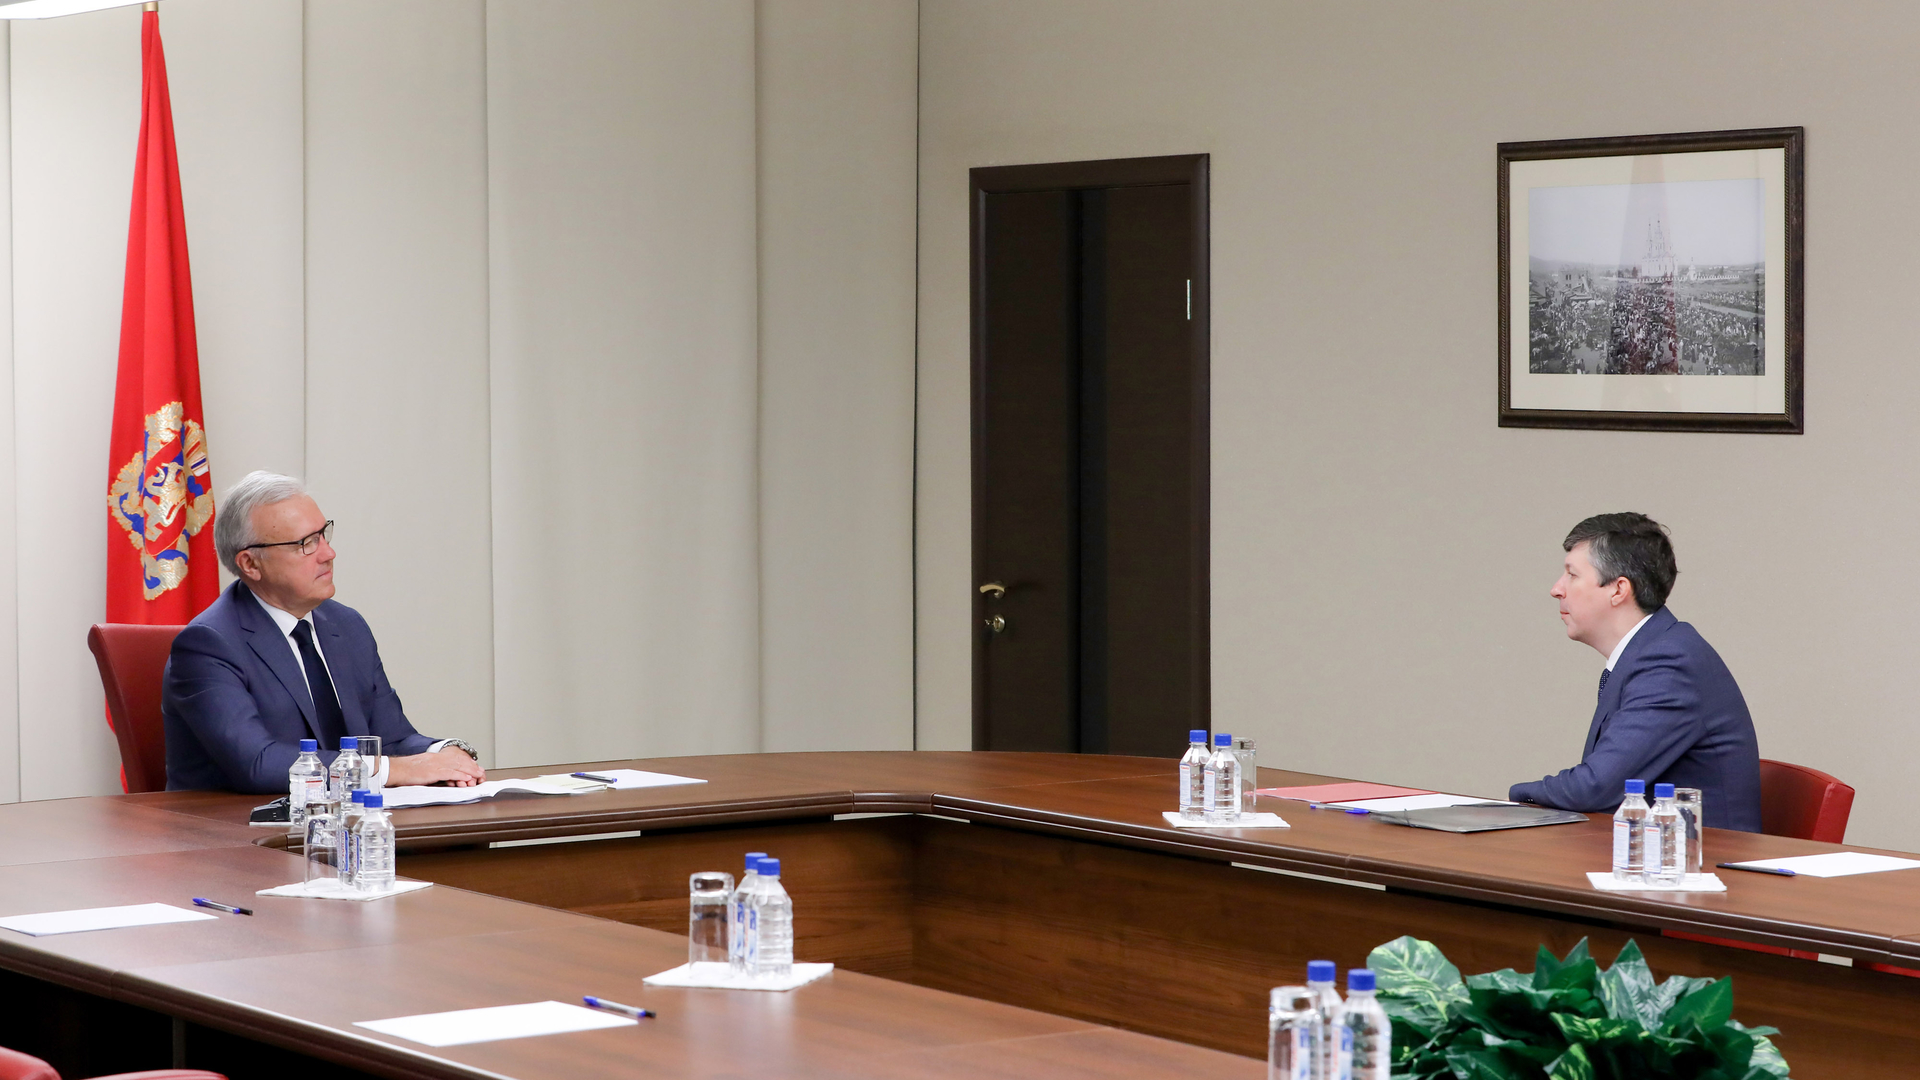 Красноярский край готов к проведению голосования по поправкам в Конституцию РФ